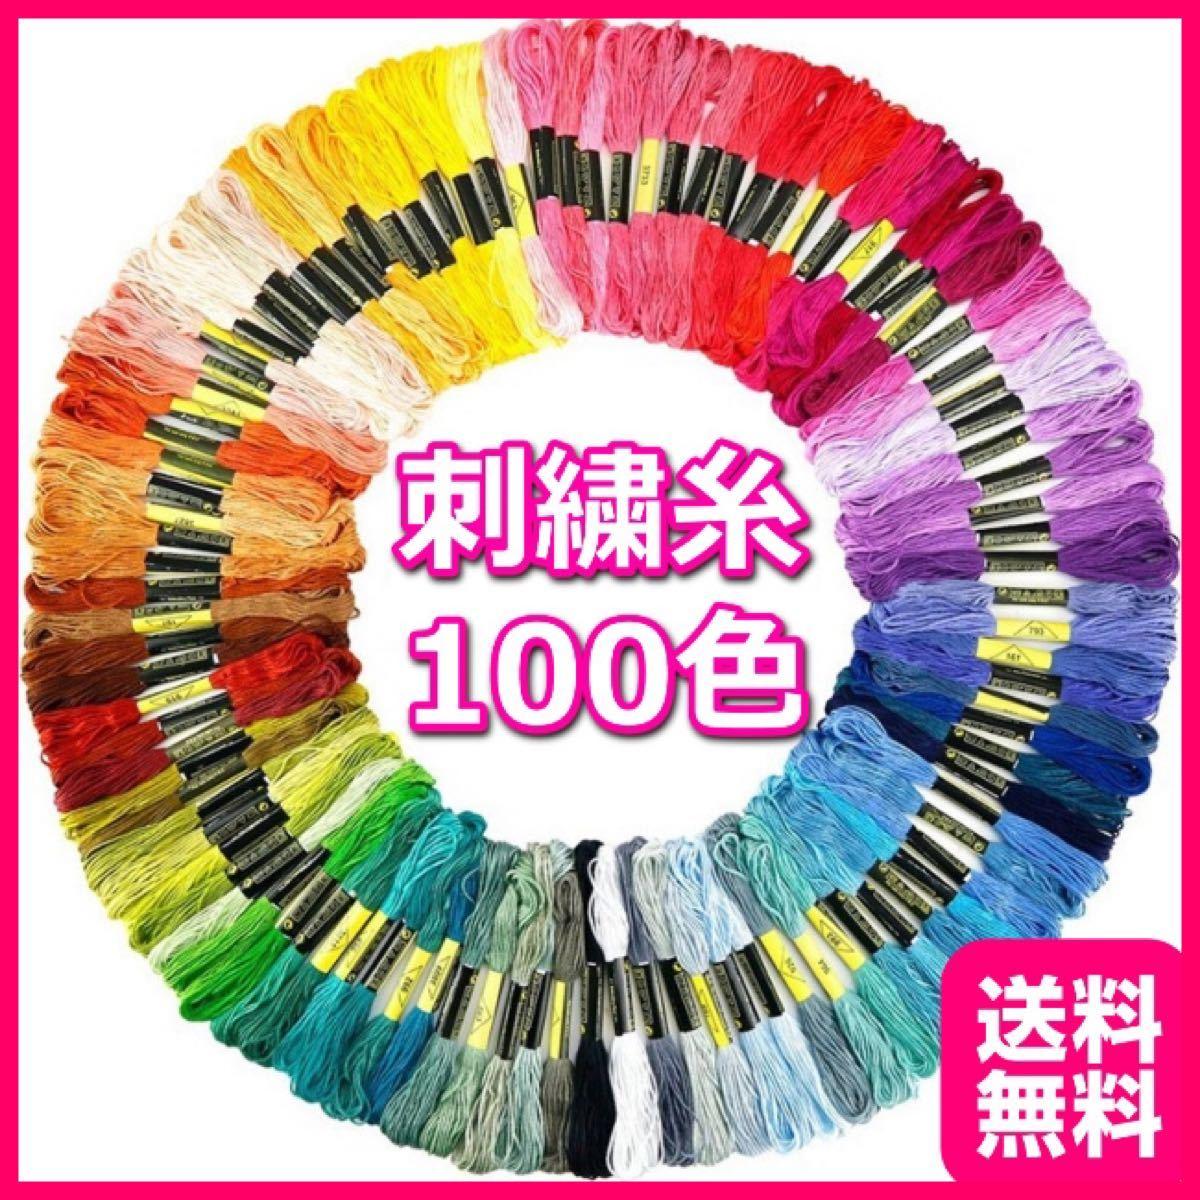 刺繍糸 100色 100束 ししゅう 手芸 ミサンガ ステッチ ハンドメイド